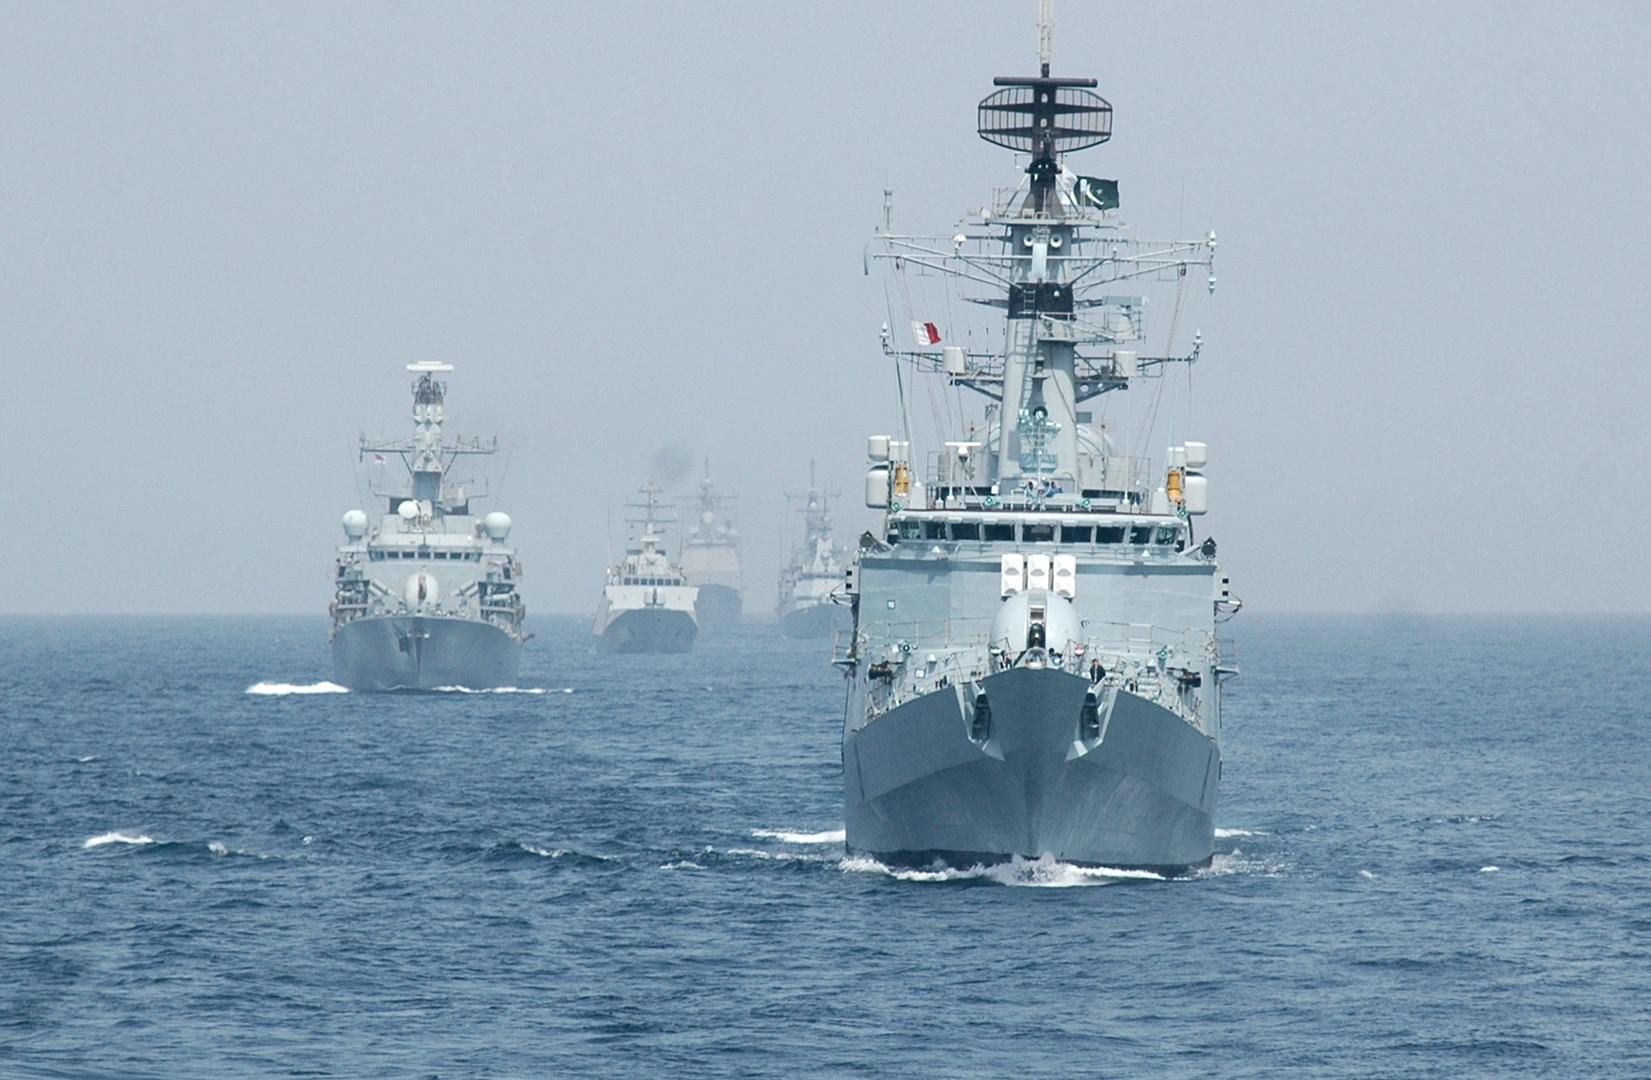 باكستان.. مناورات بحرية مع إيران وأخرى جوية مع السعودية